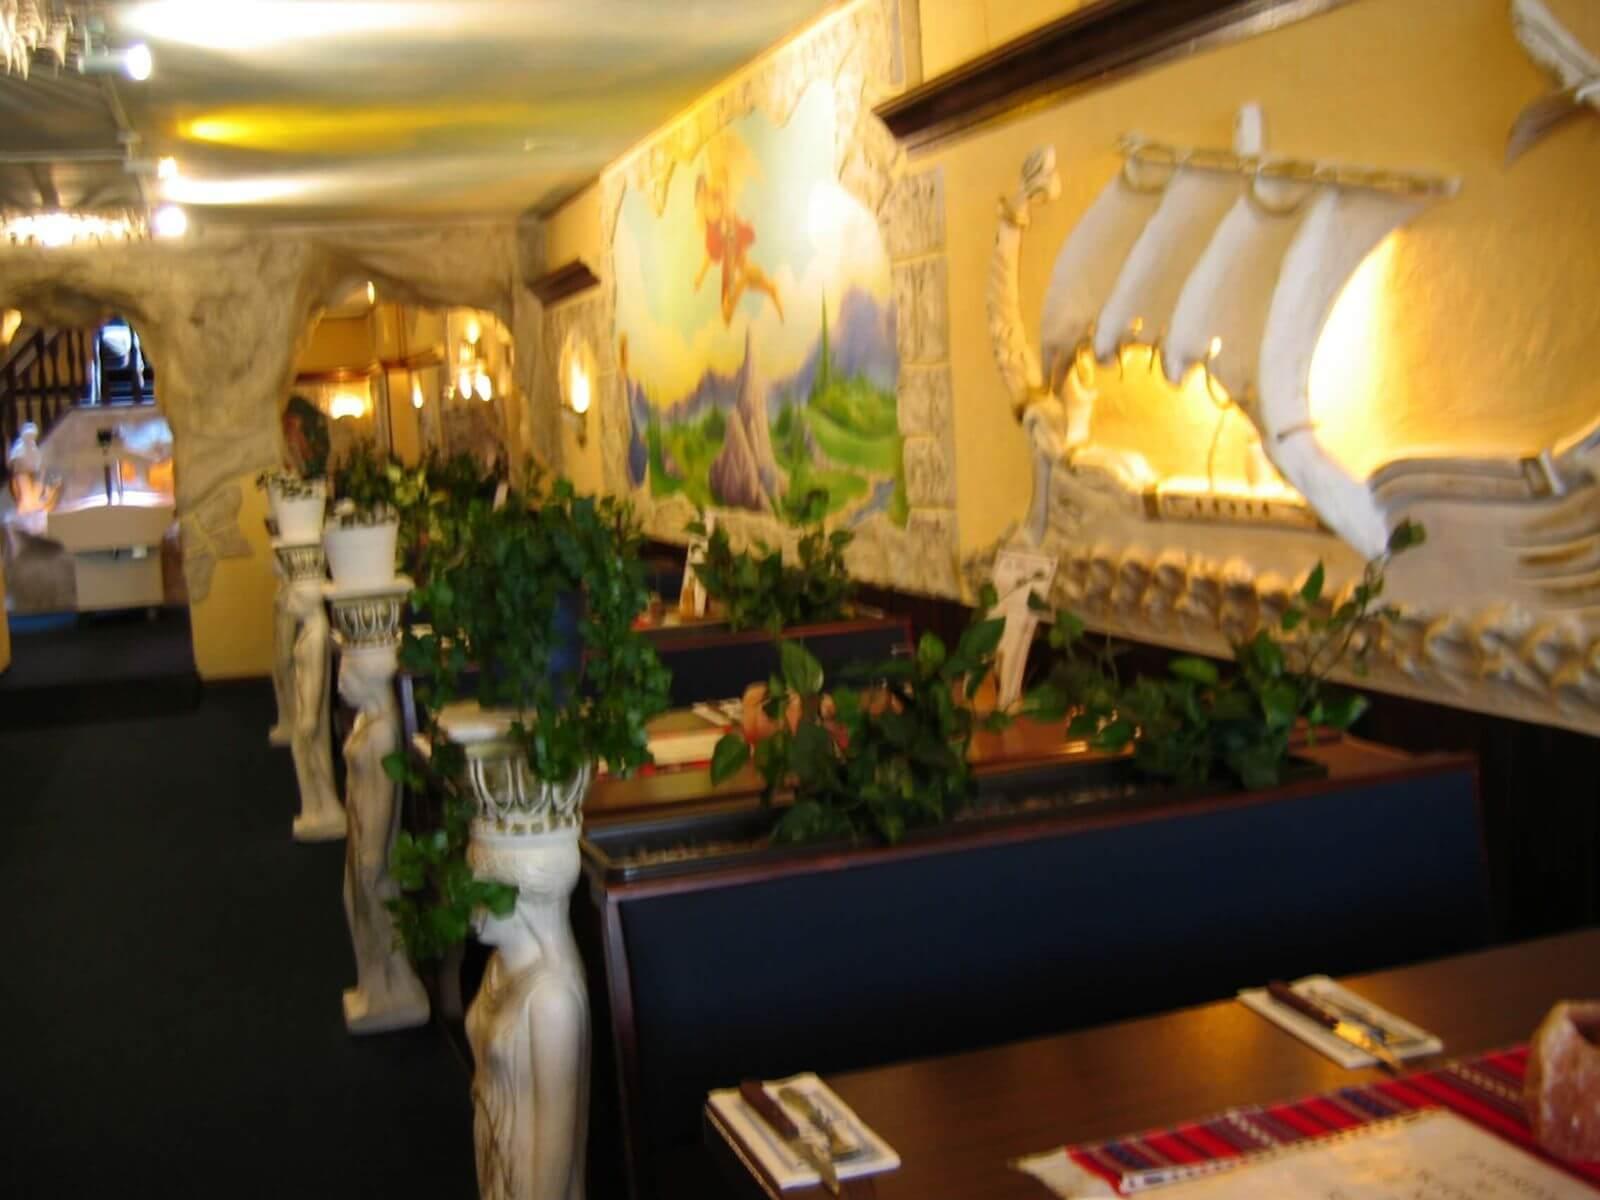 Fonkelnieuw Met de Dinerbon eten bij restaurant Restaurant Rhodos Gouda | Dinerbon OH-54